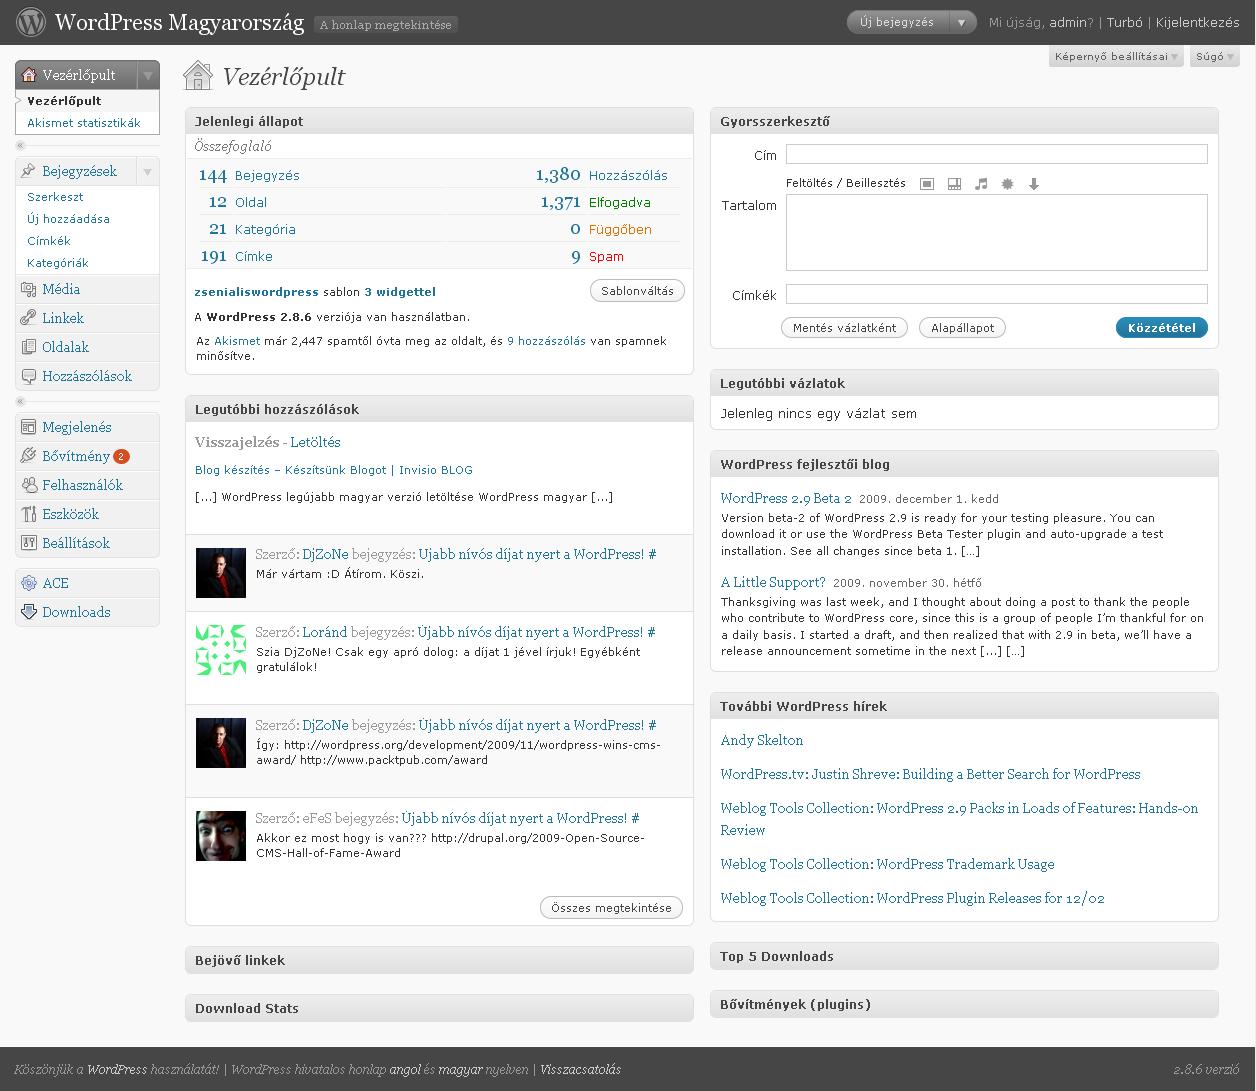 Wordpress_28_vezerlopult.jpg